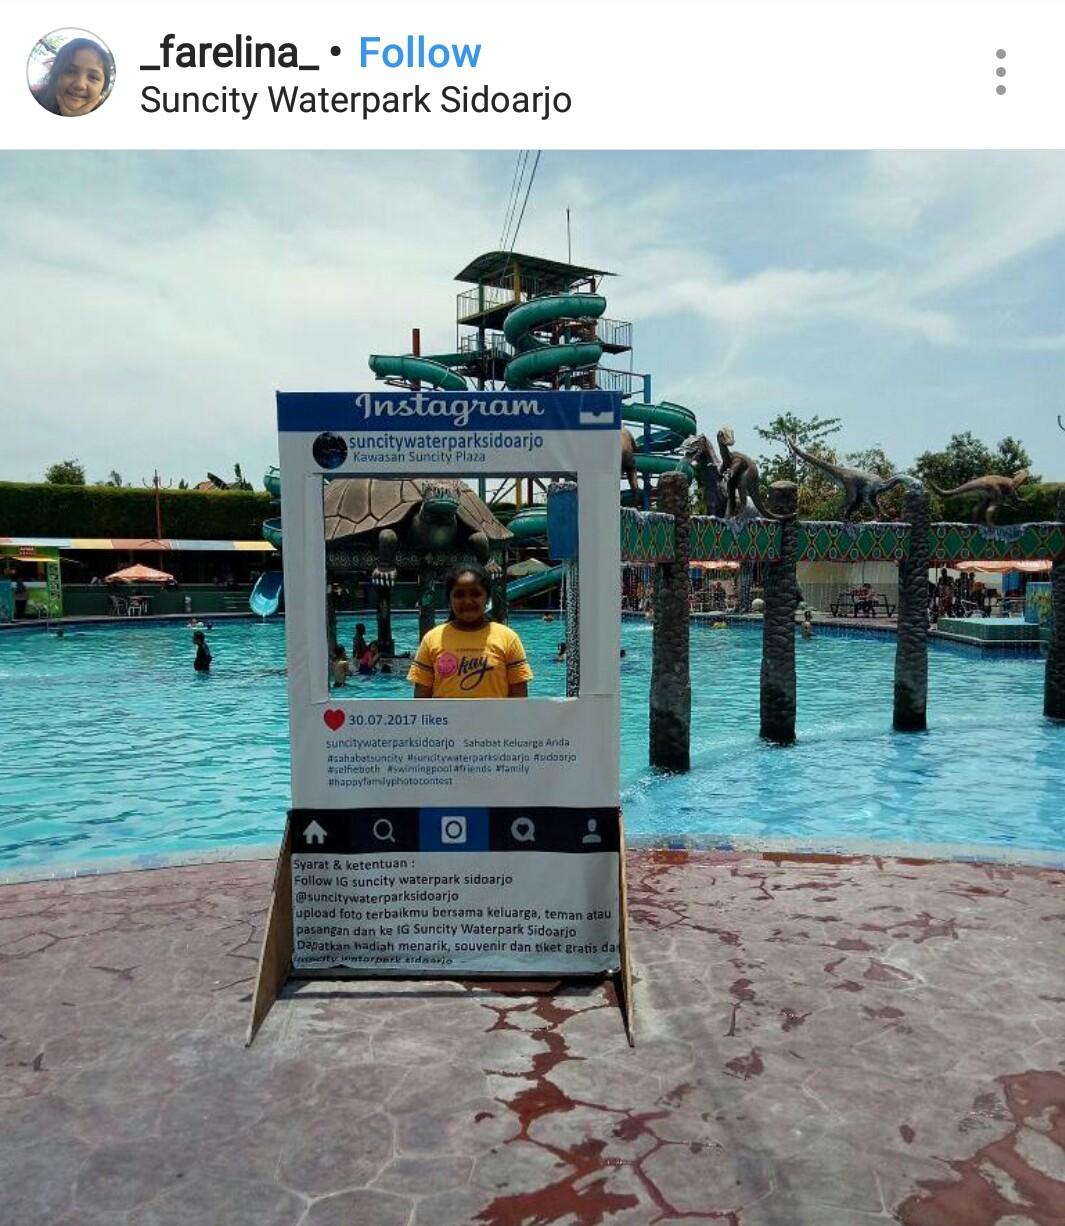 Suncity Waterpark Sidoarjo Kids Holiday Spots Liburan Anak Liburananak Suncitywaterparksidoarjo